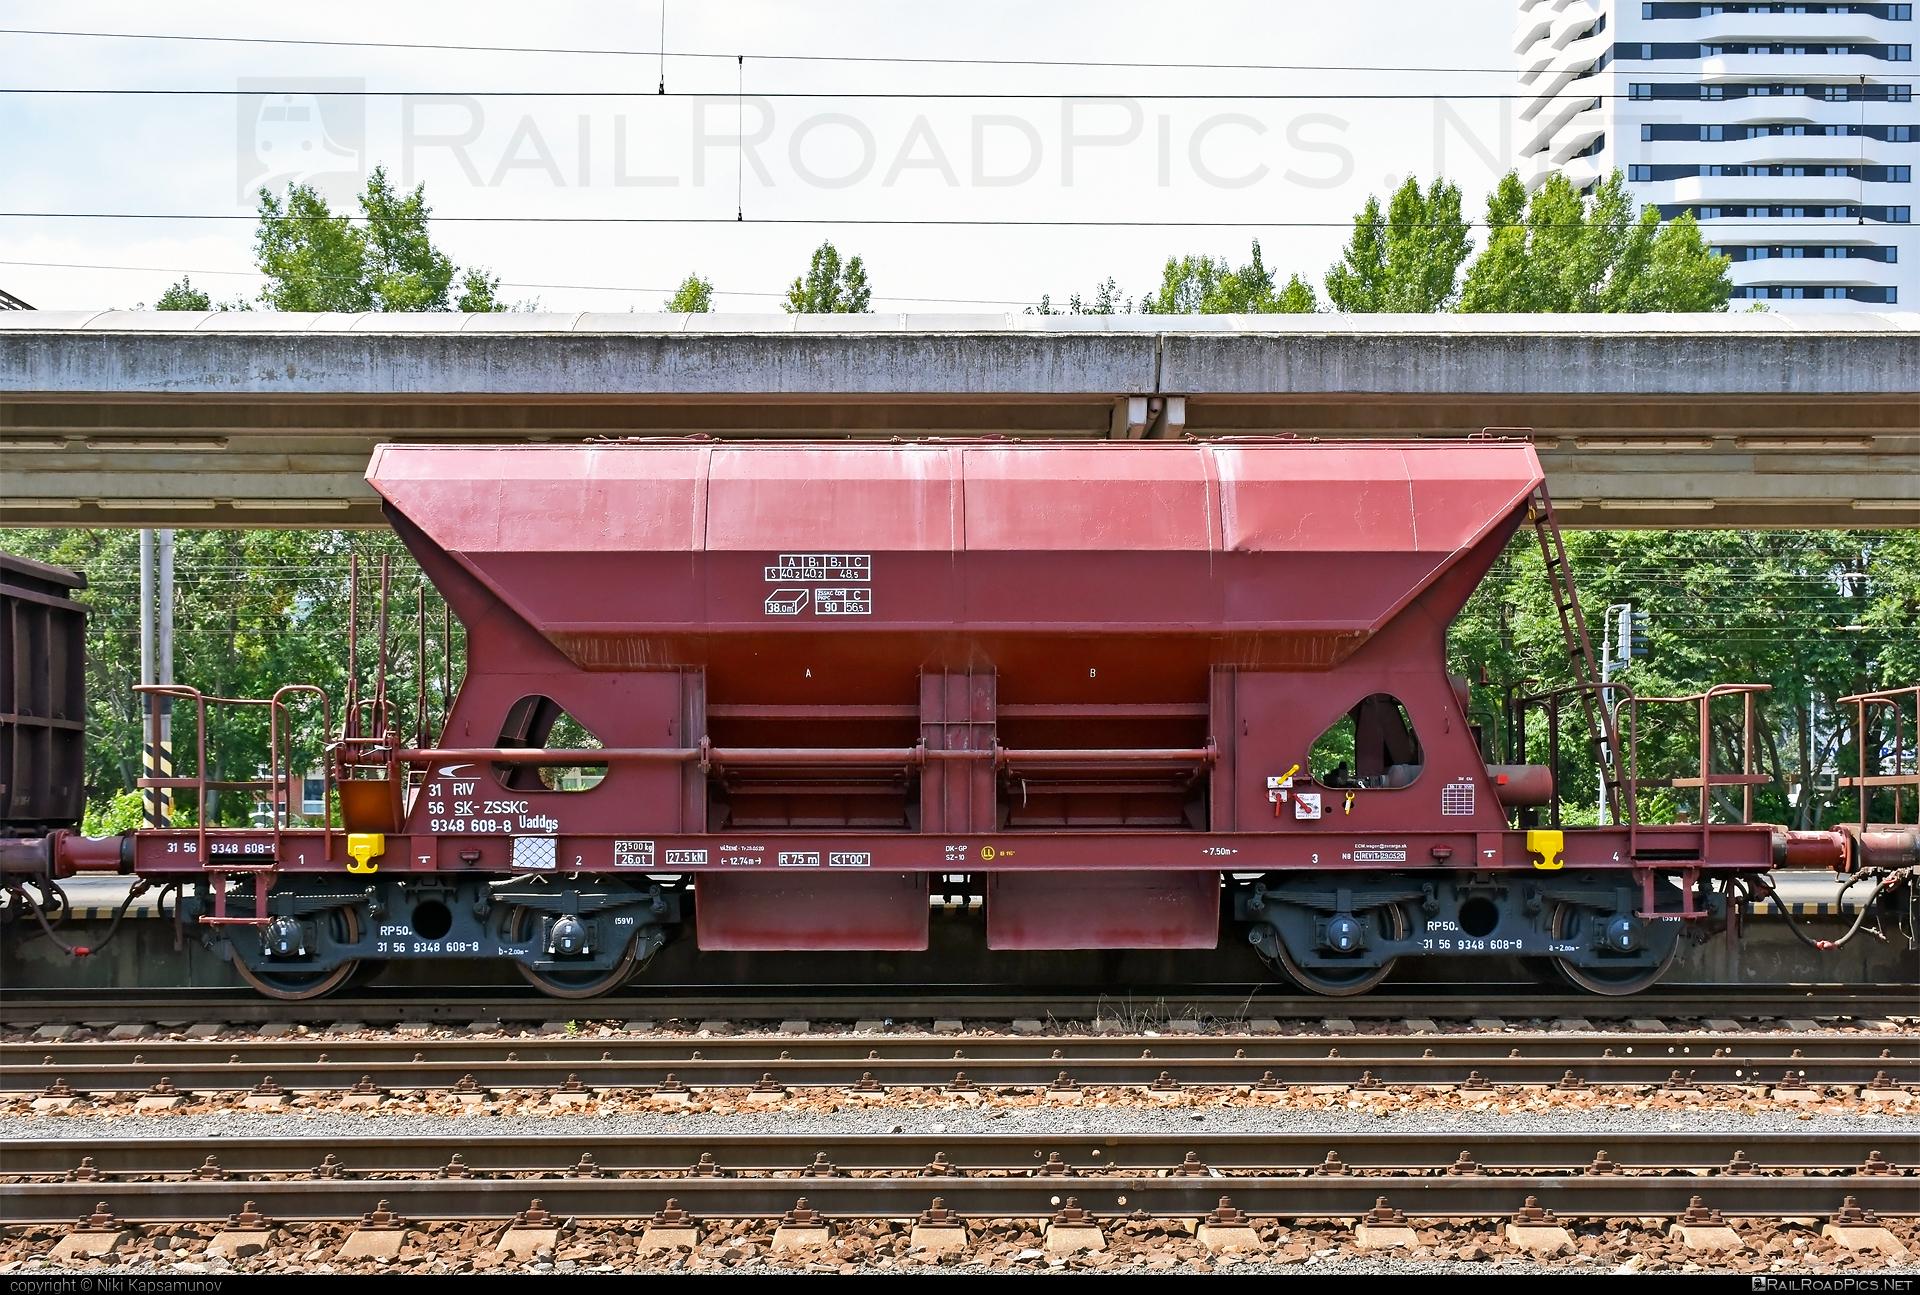 Class U - Uaddgs - Uaddgs - 31 56 9348 608-8 operated by Železničná Spoločnost' Cargo Slovakia a.s. #ZeleznicnaSpolocnostCargoSlovakia #hopperwagon #uaddgs #zsskcargo